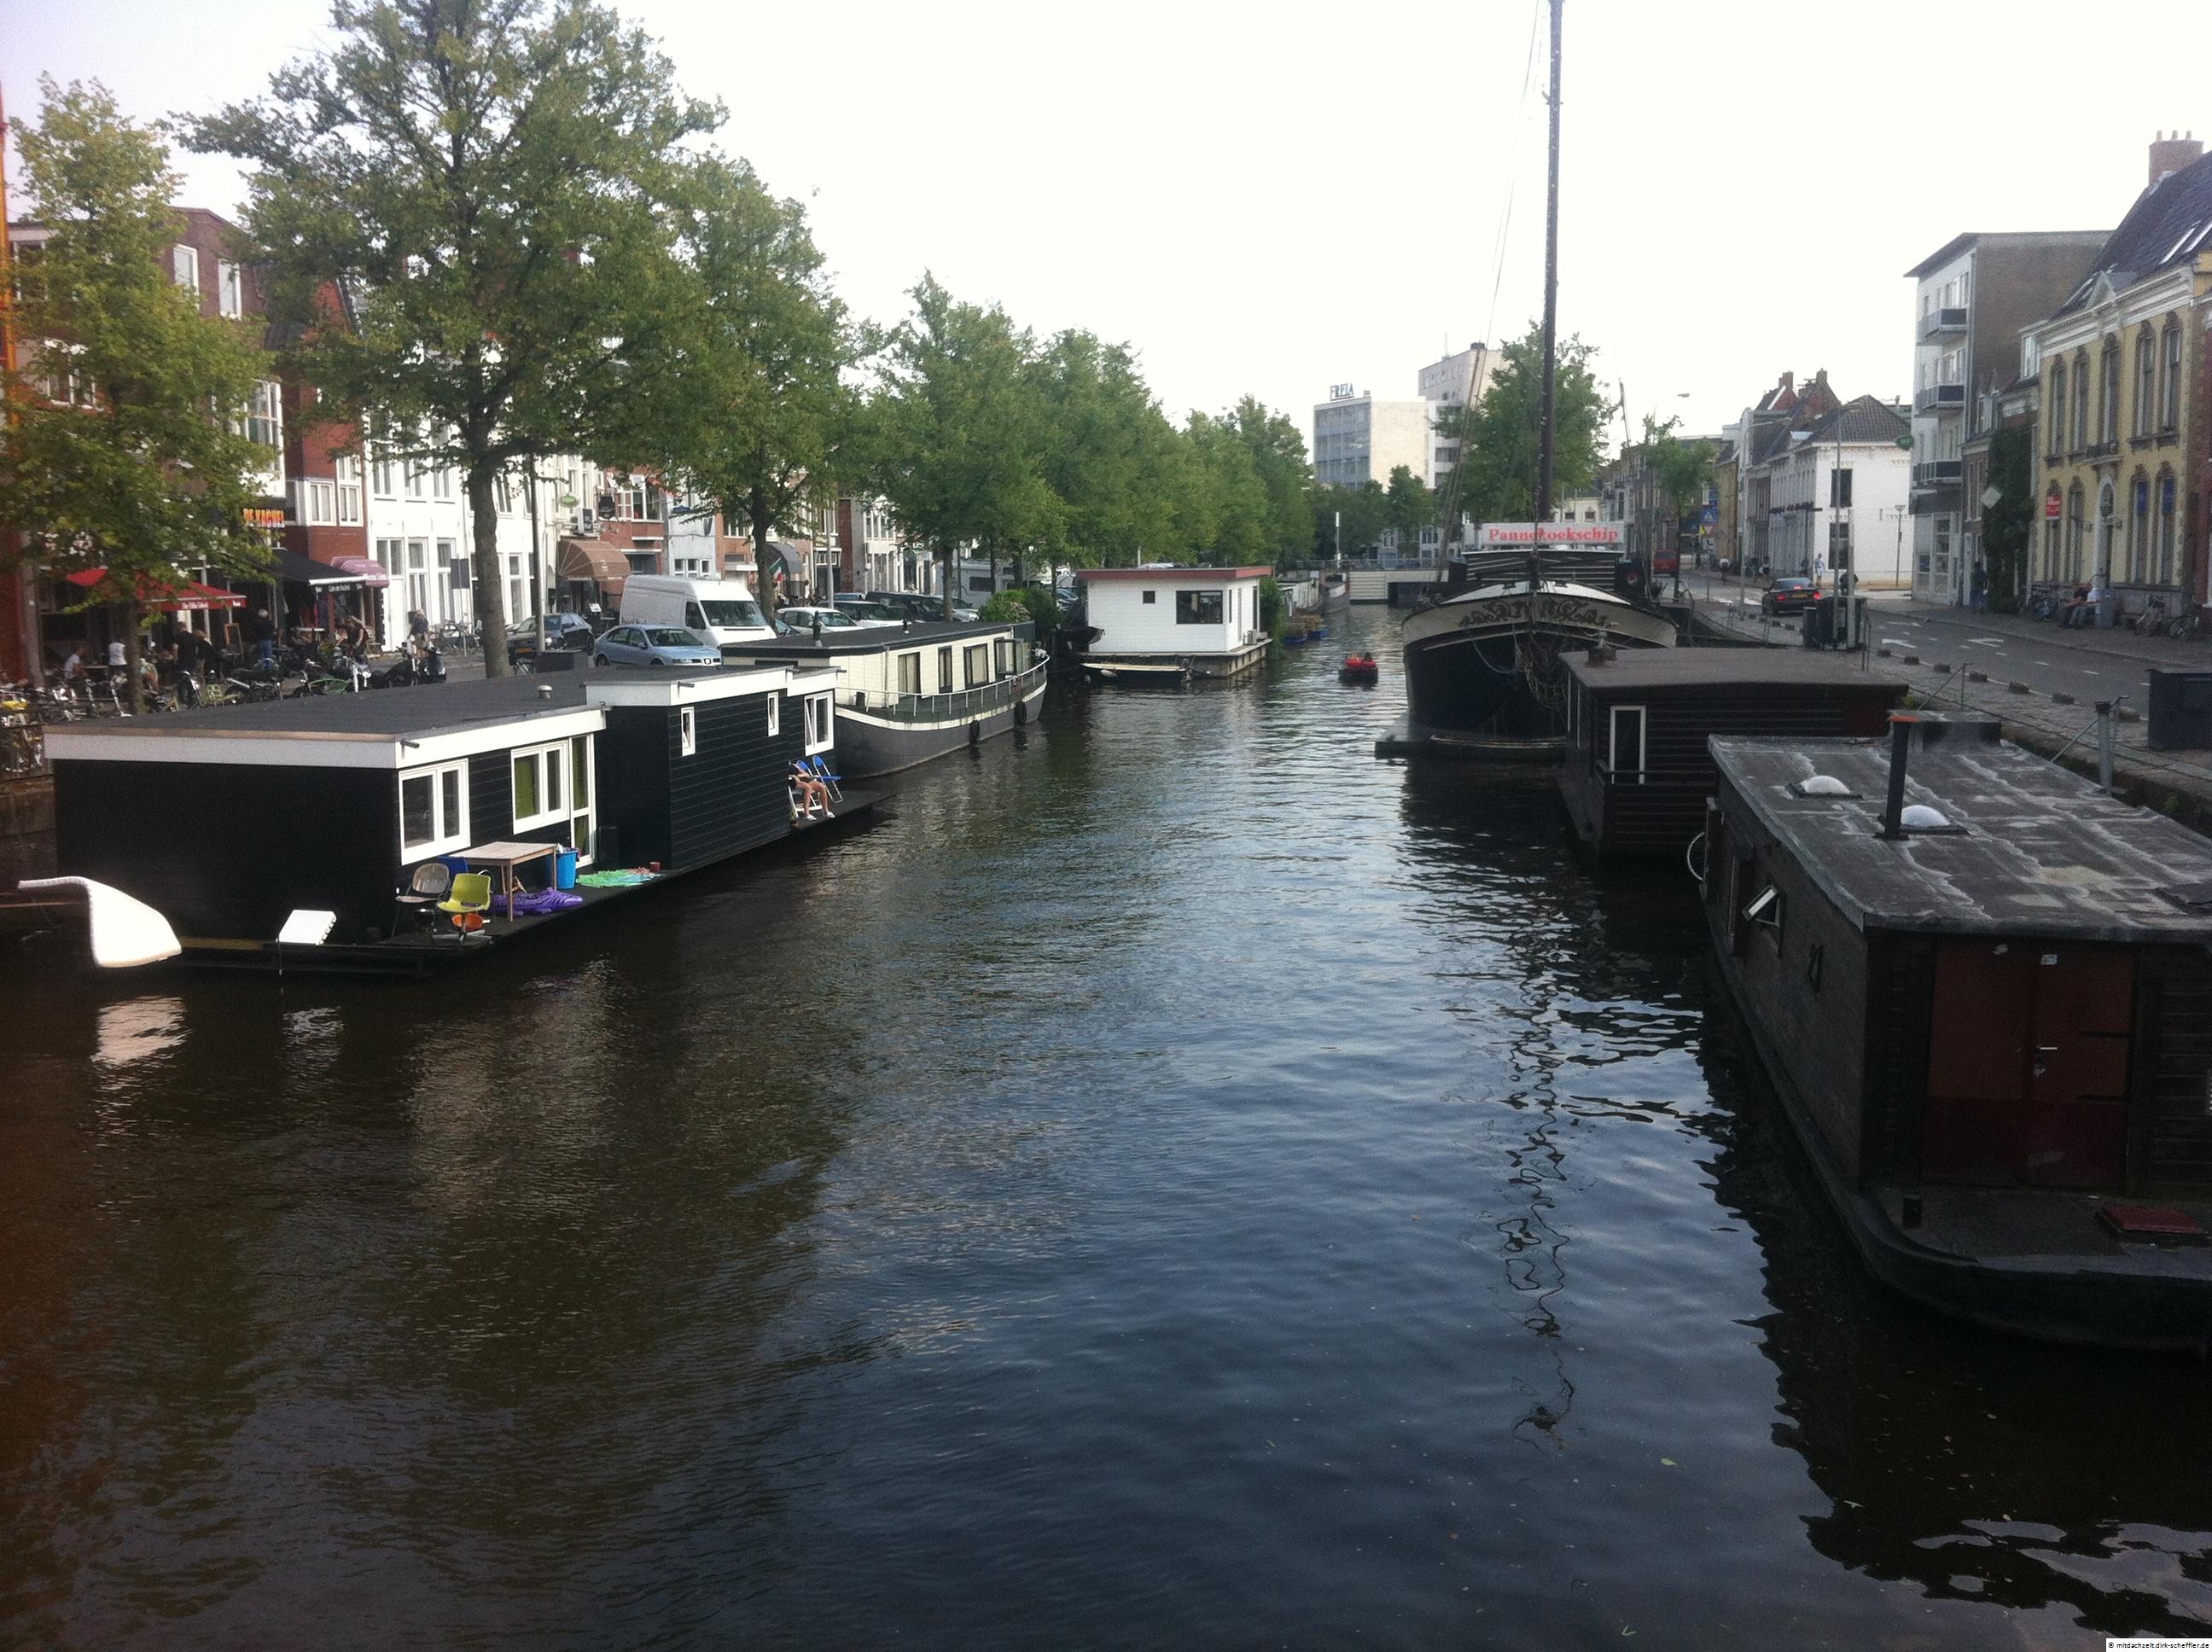 1_2015-08-21-16.45.14_Groningen